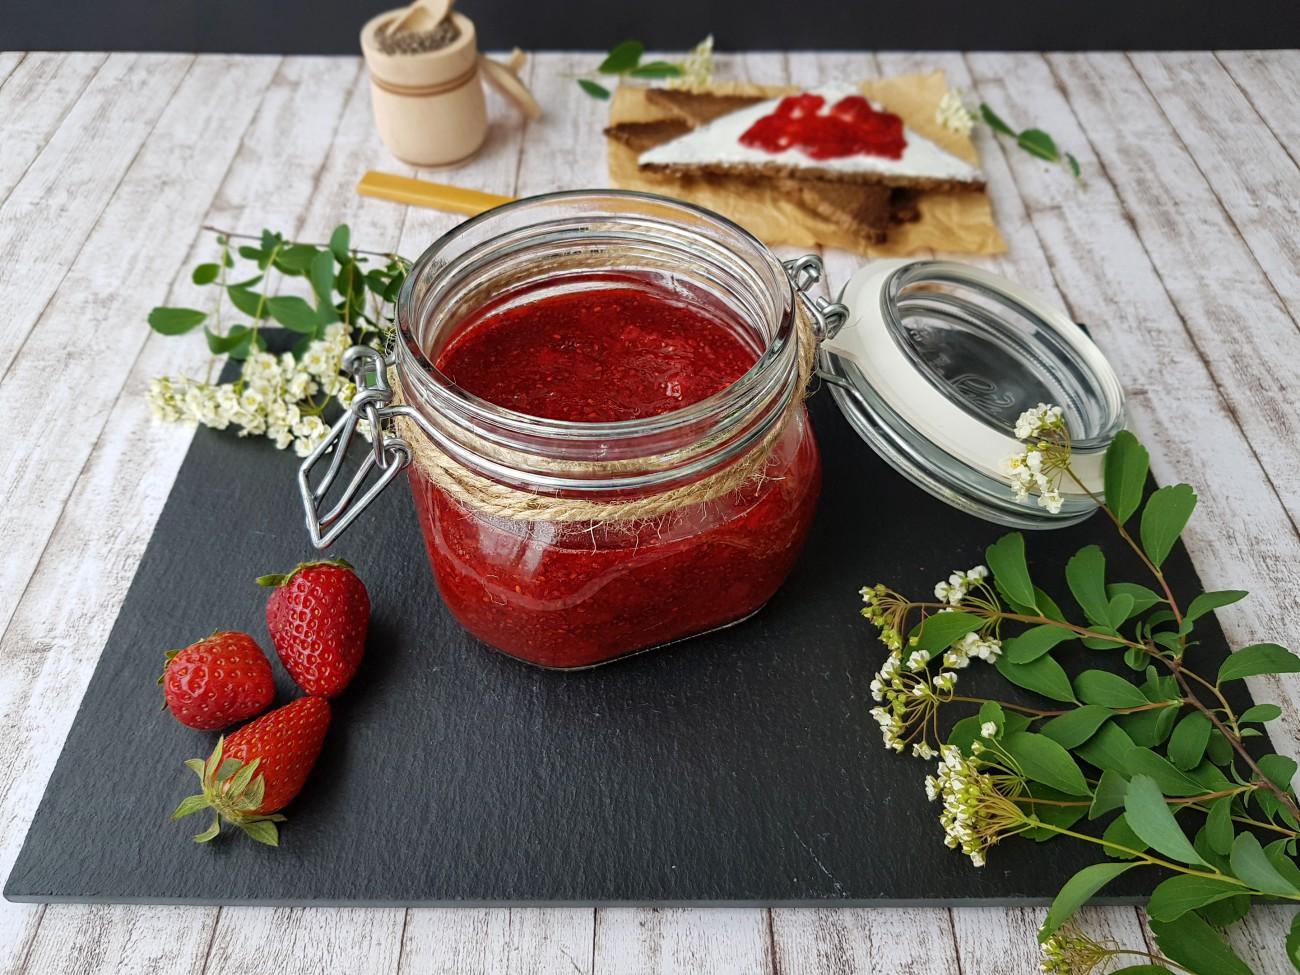 gem_de_căpșuni_cu_semințe_de_chia_-_foodieopedia_3_